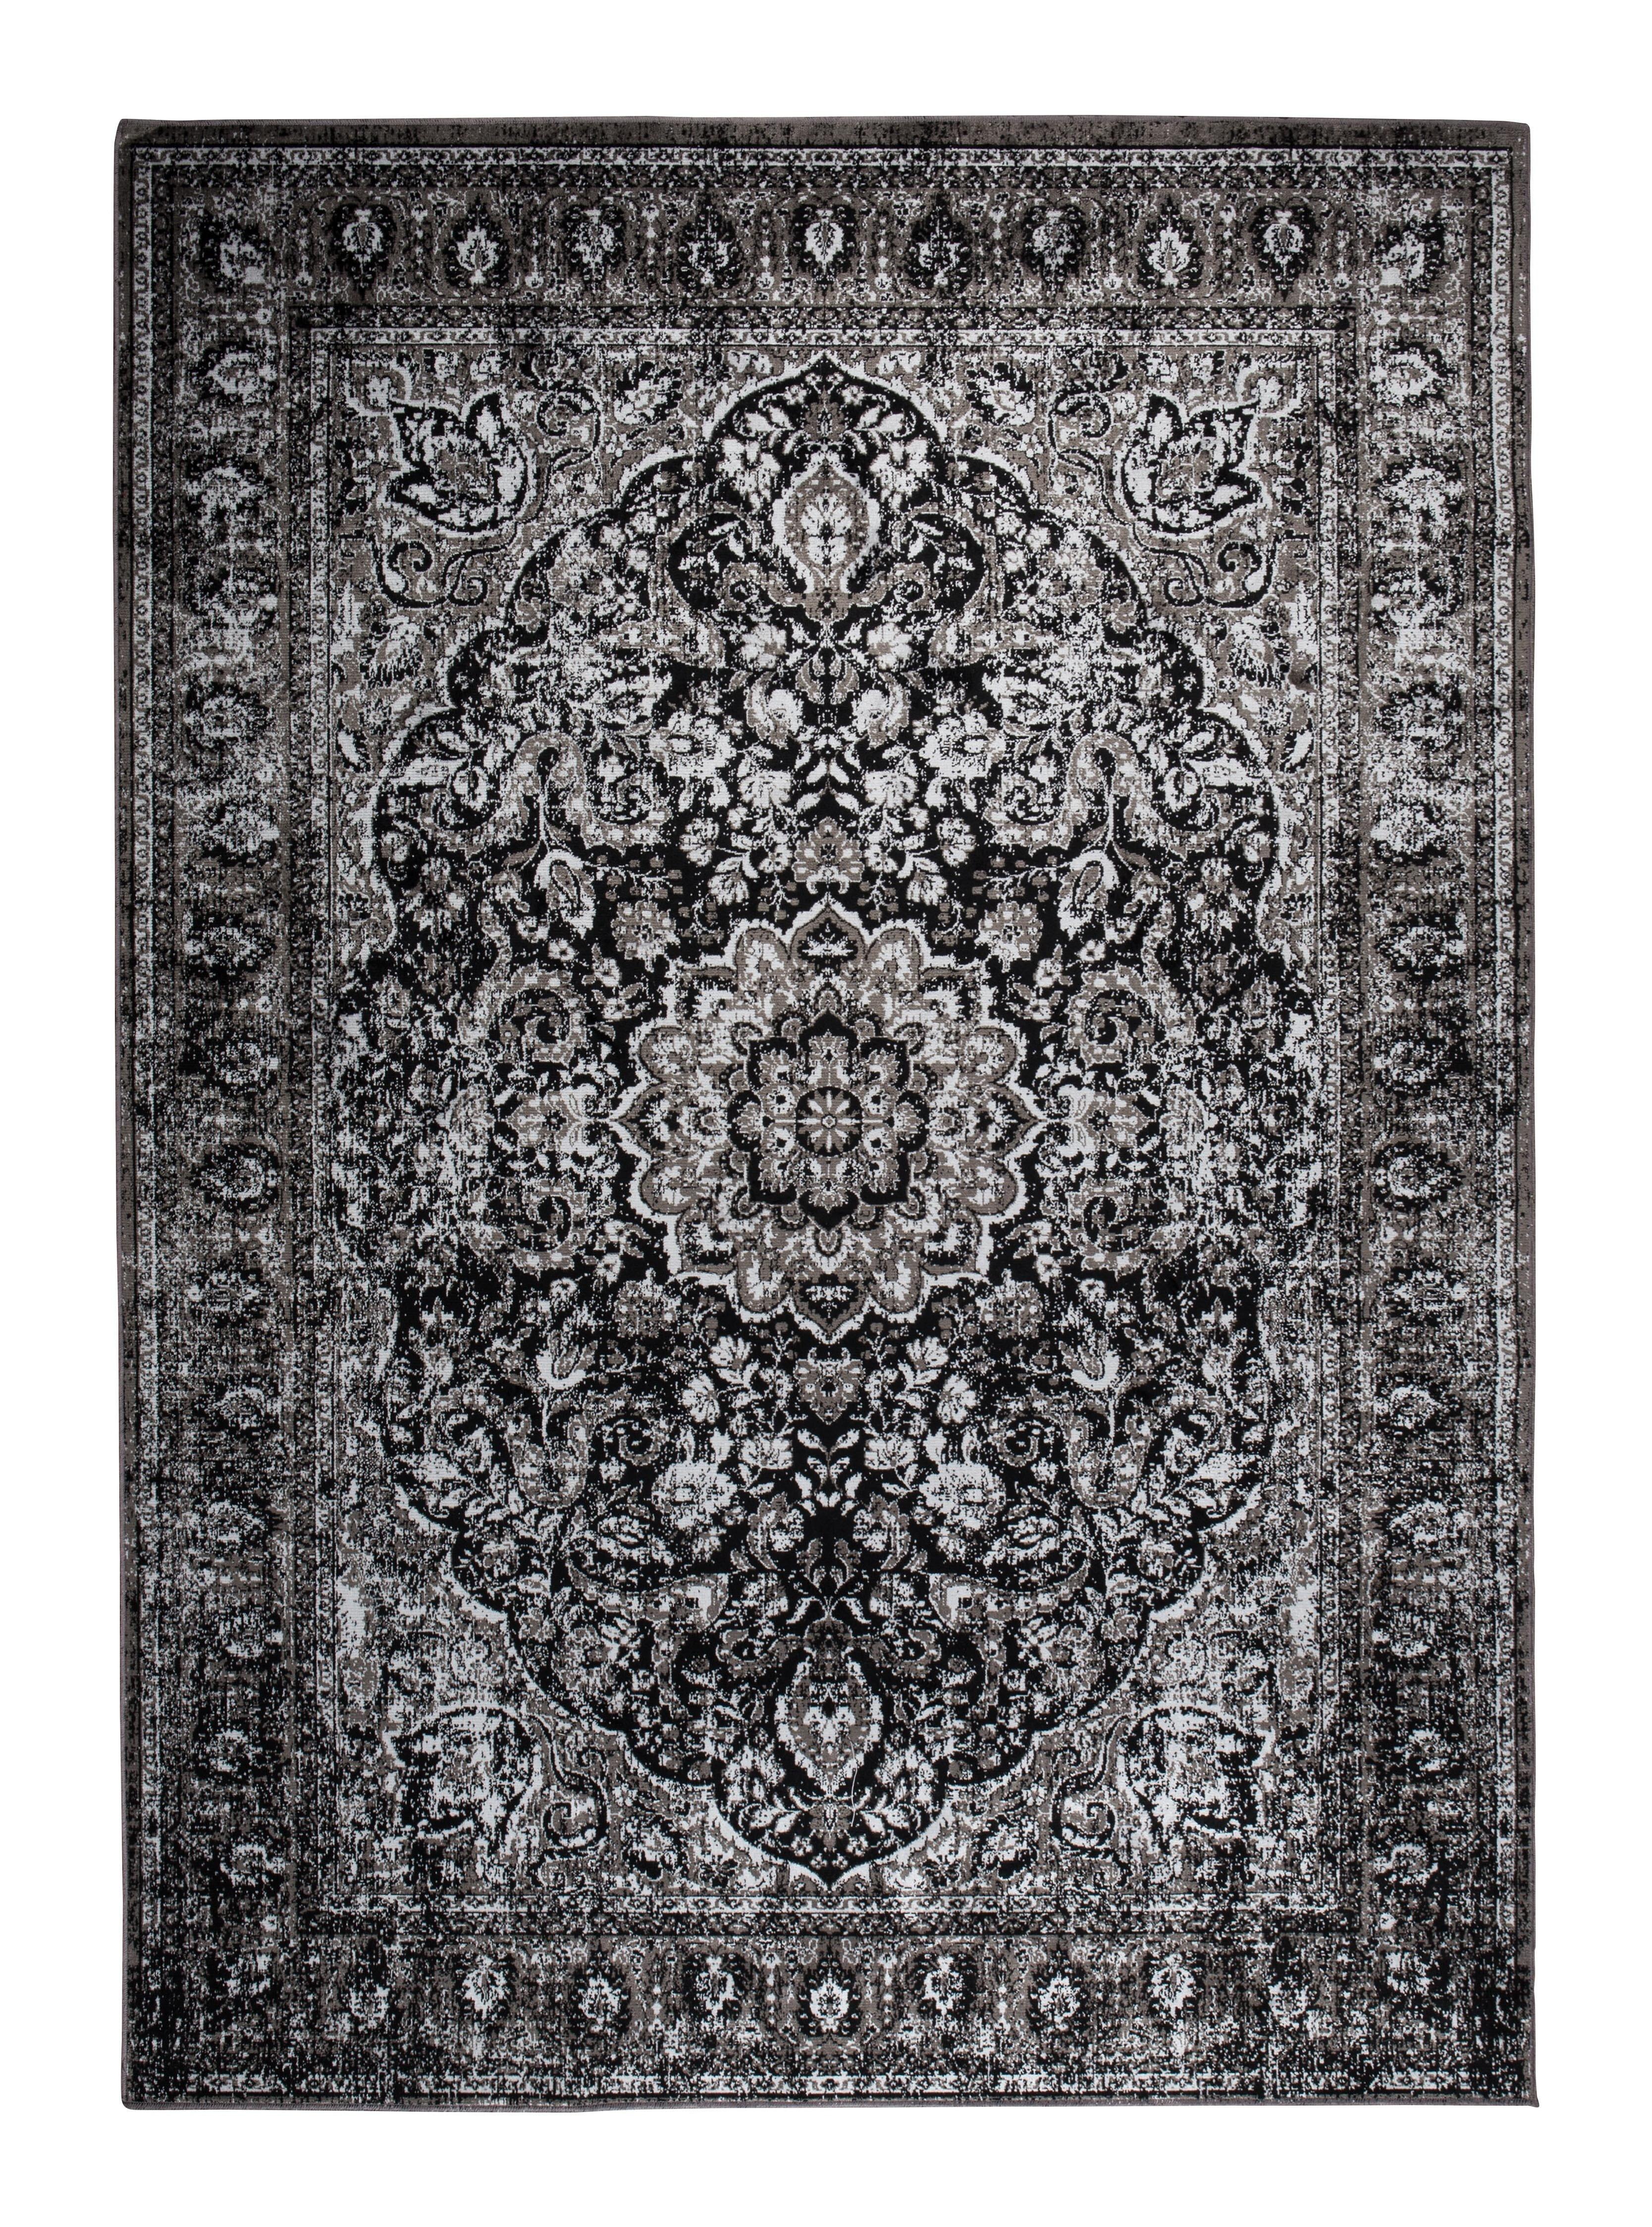 Vloerkleed 'Elian' 160 x 230cm, kleur Zwart 85% viscose, 15% polyester aanschaffen? Kijk hier!